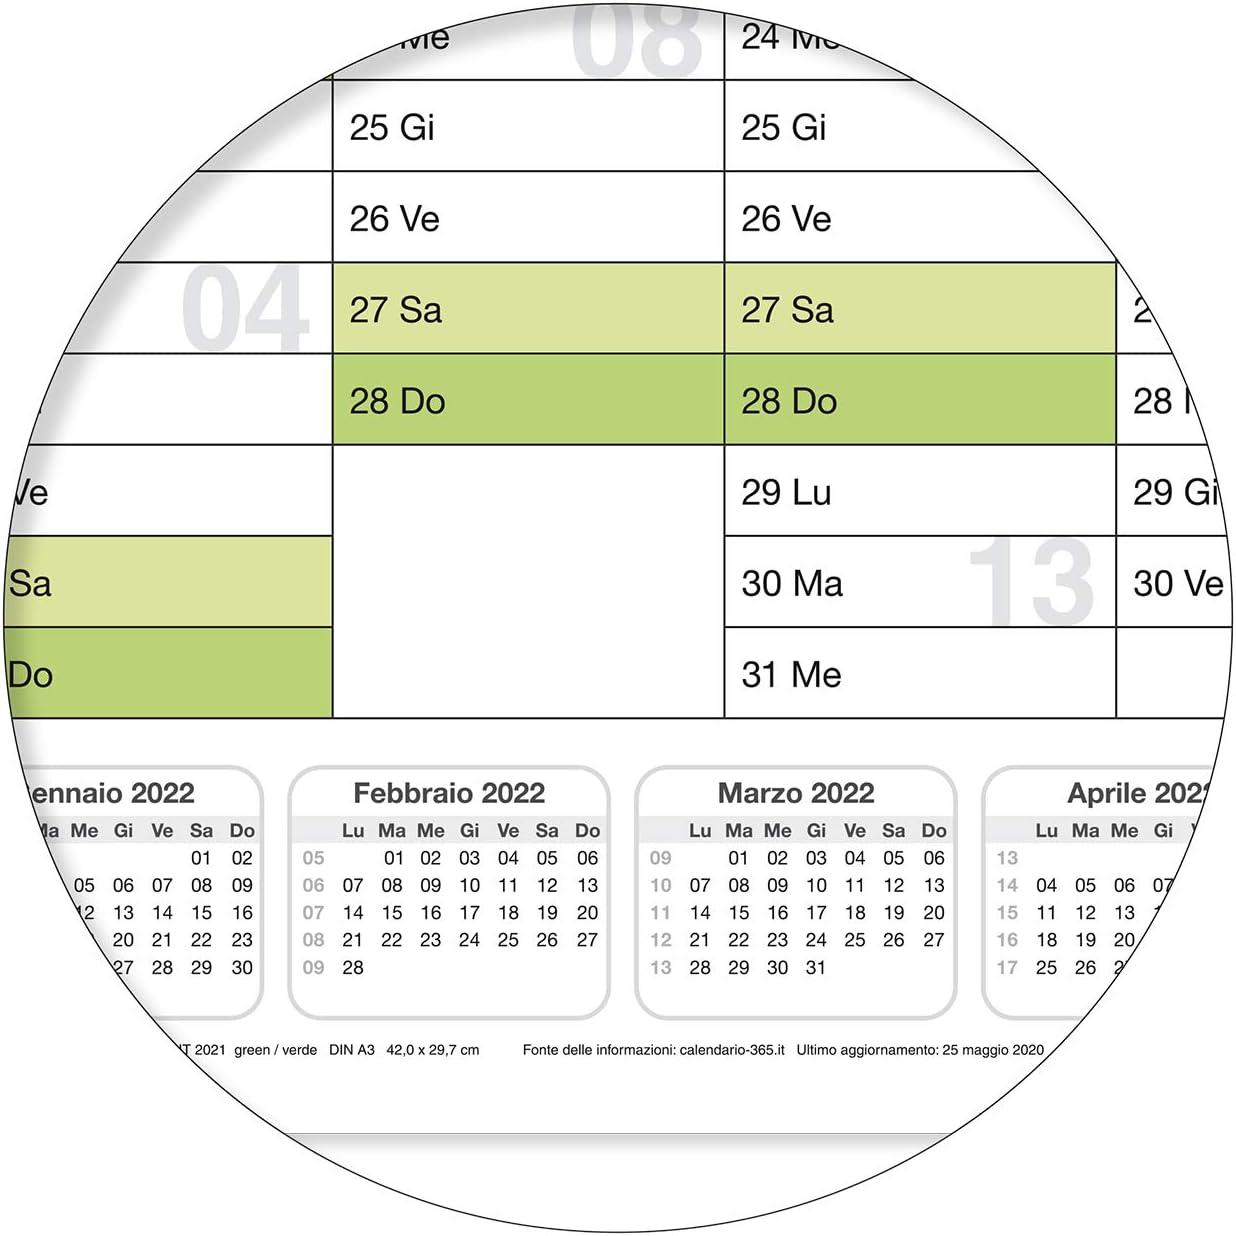 ARROTOLATA CONSEGNATA con 1 perno EDDING CALENDARIO DA MURO 2021 XL 100 X 70 CM CARTELLONISTICA CALENDARIO VERDE UMIDO LAVABILE